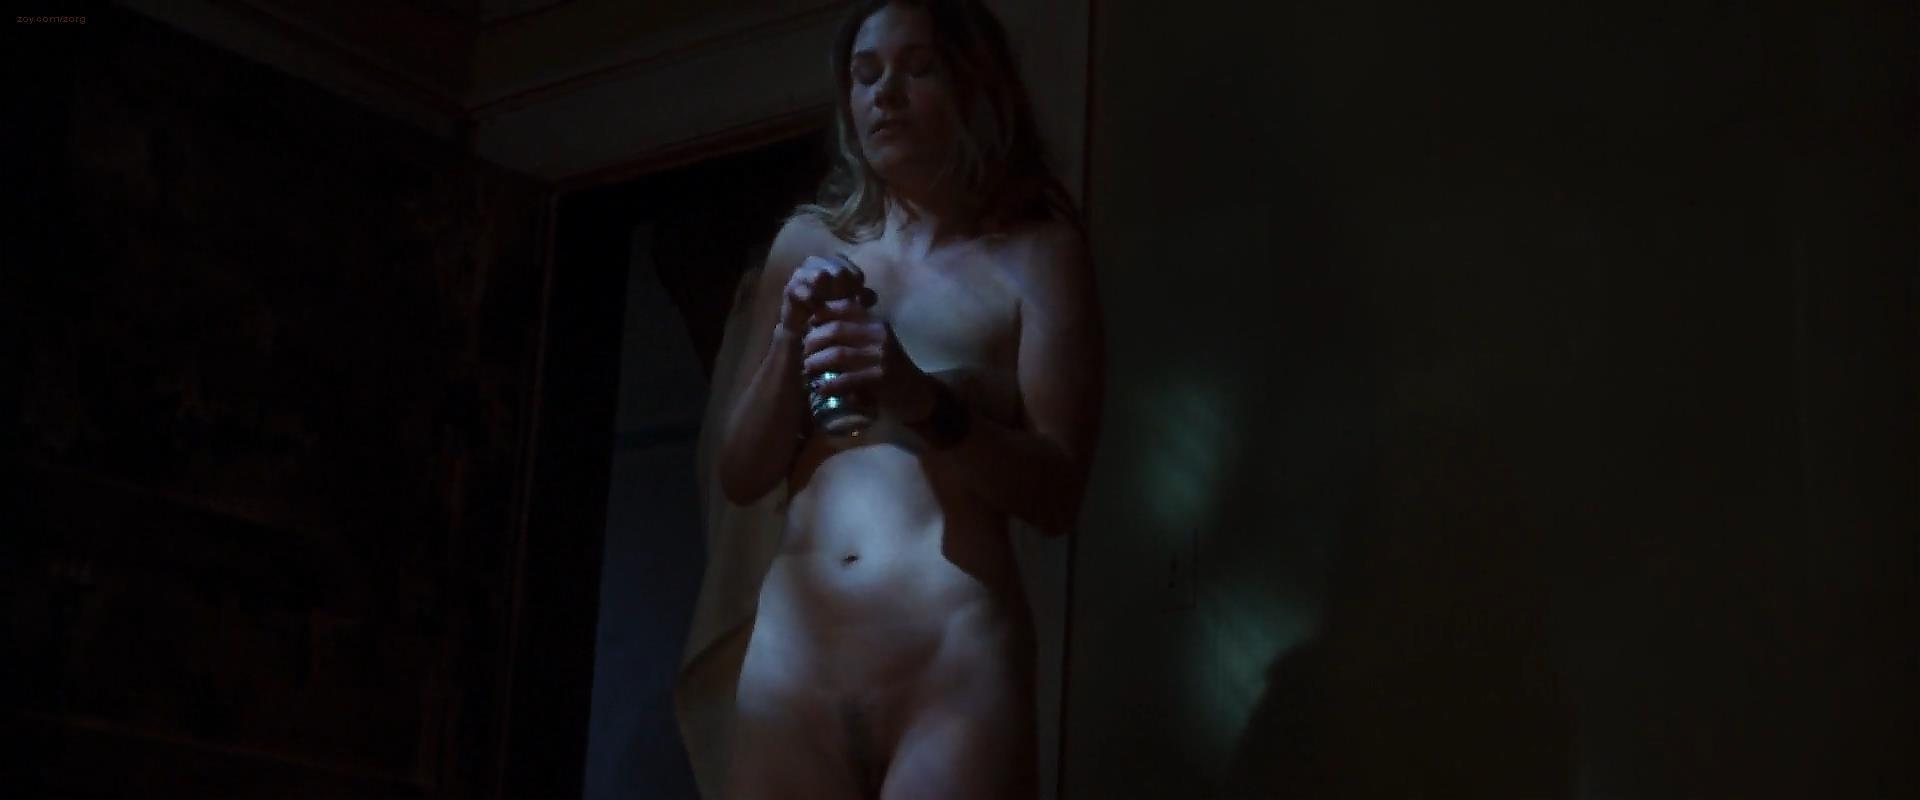 Wrong turn movie nude scenes